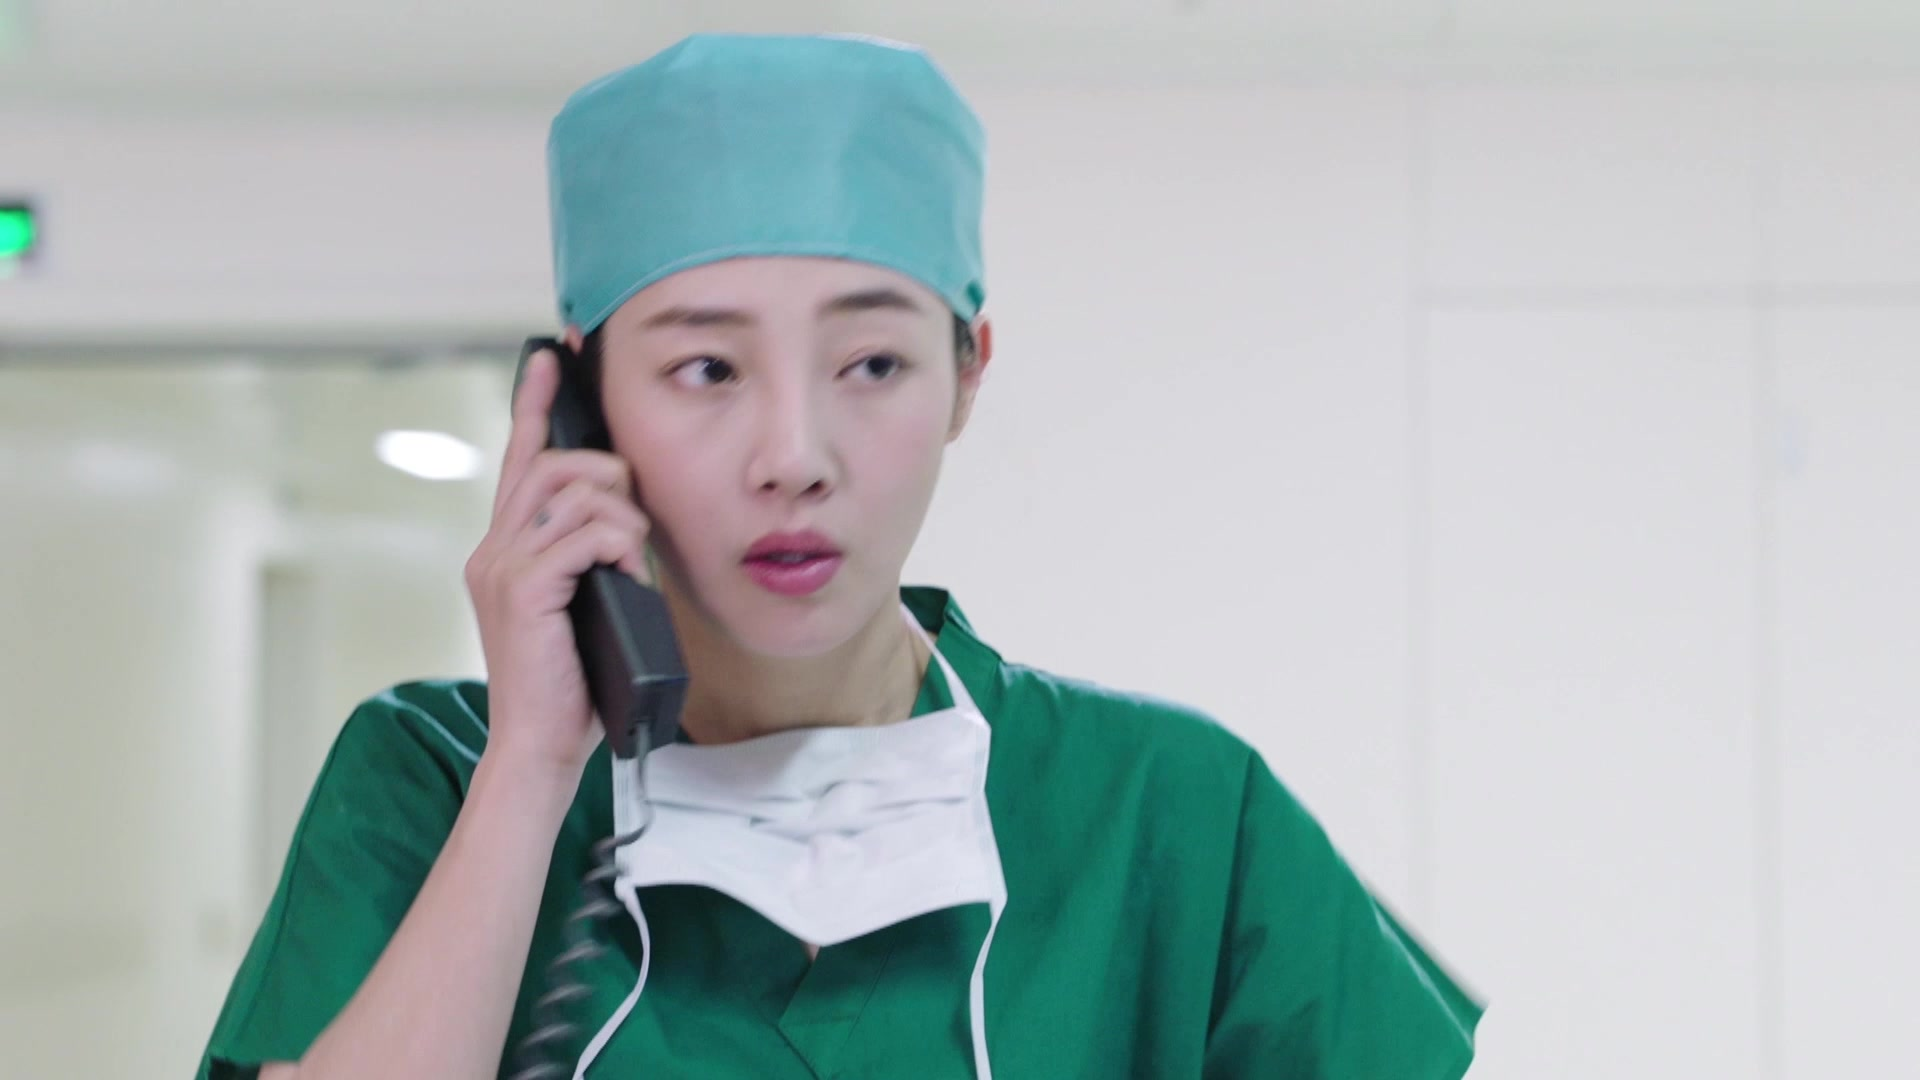 Surgeons Episode 2